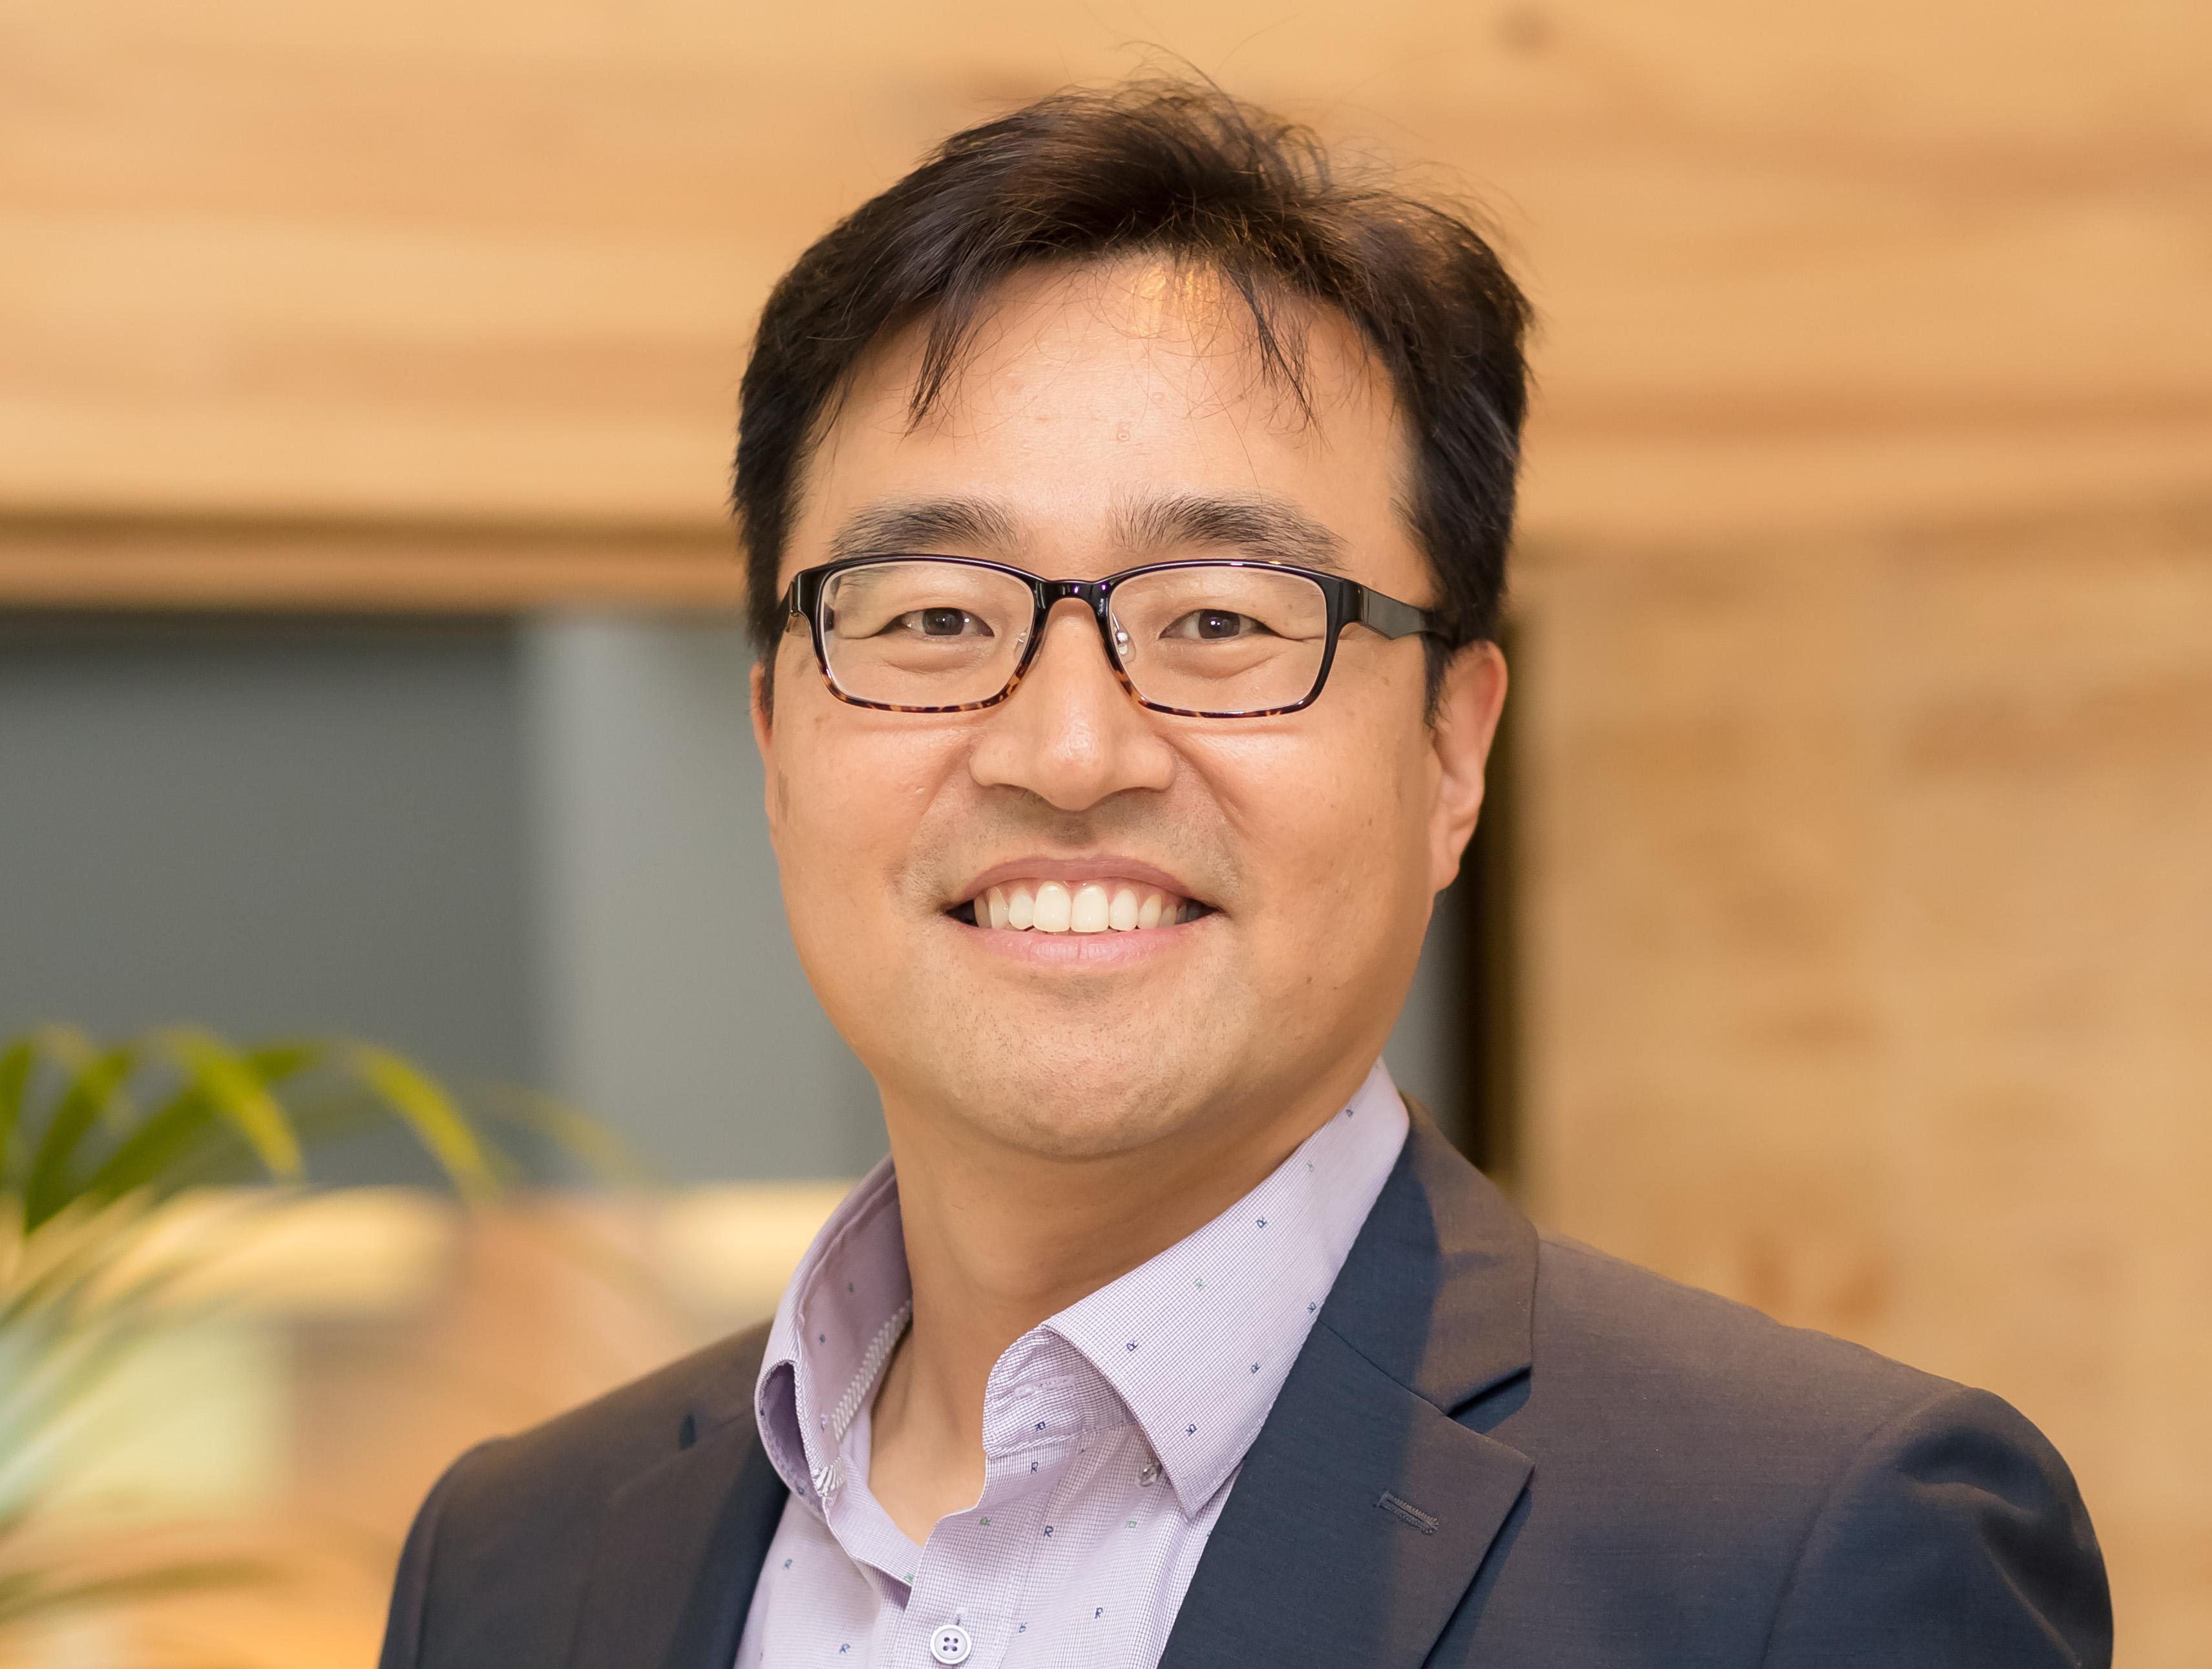 Kyuseop Kwak